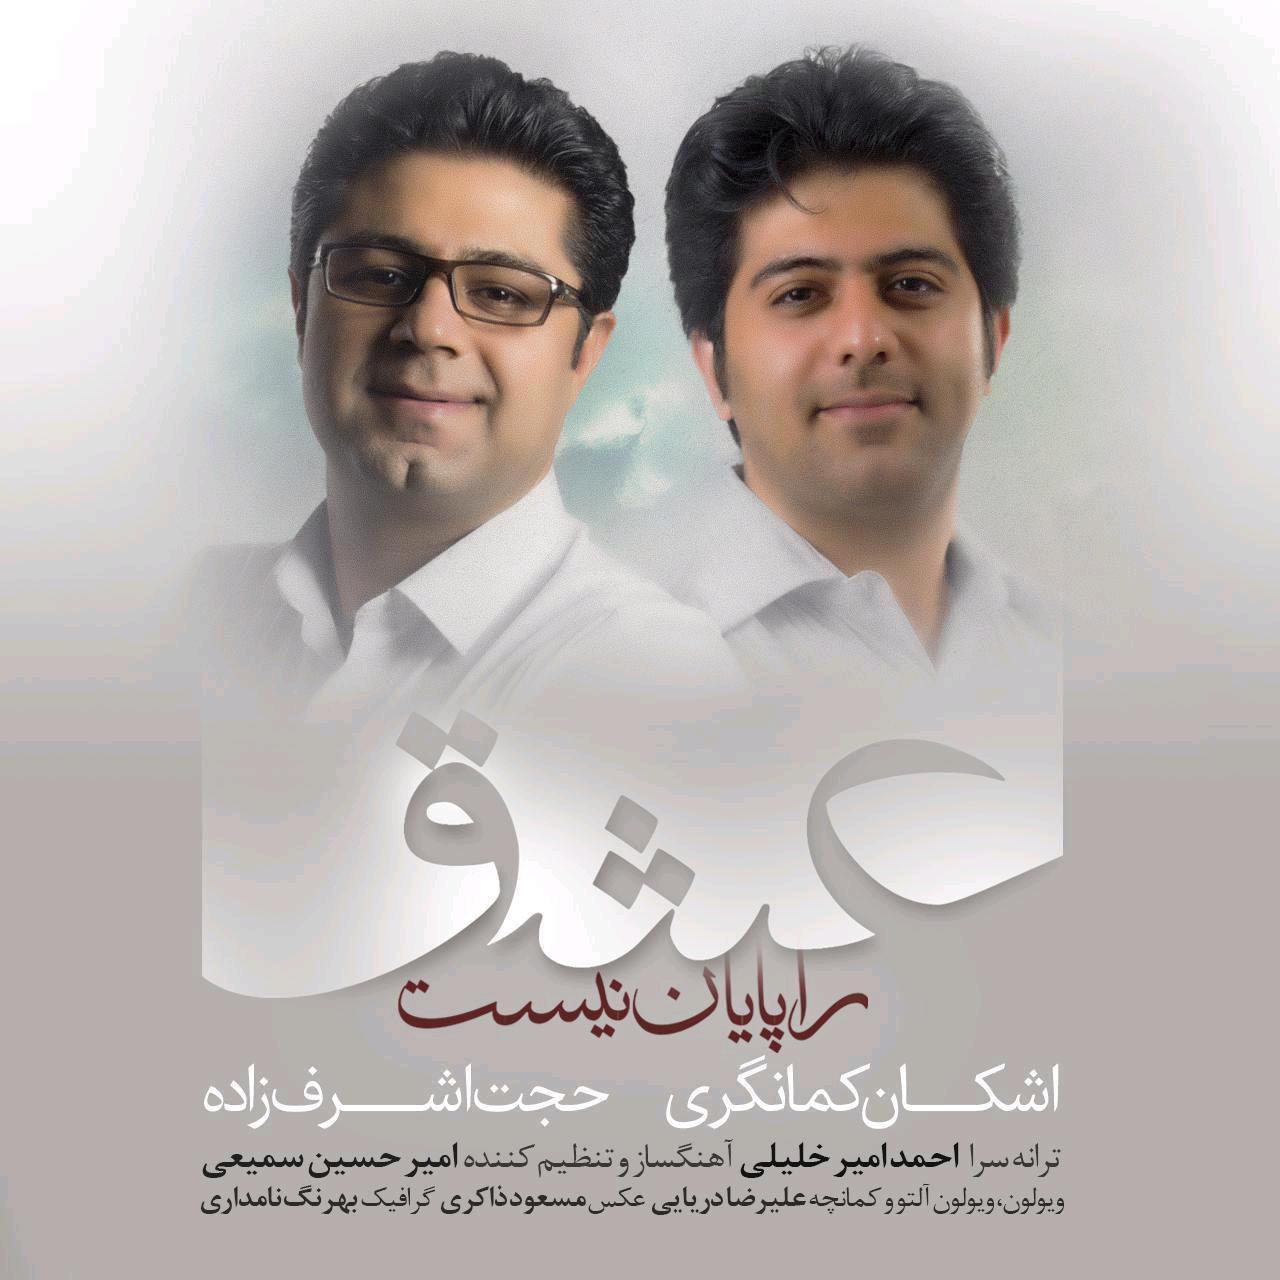 Hojat Ashrafzadeh - Eshgh Ra Payan Nist